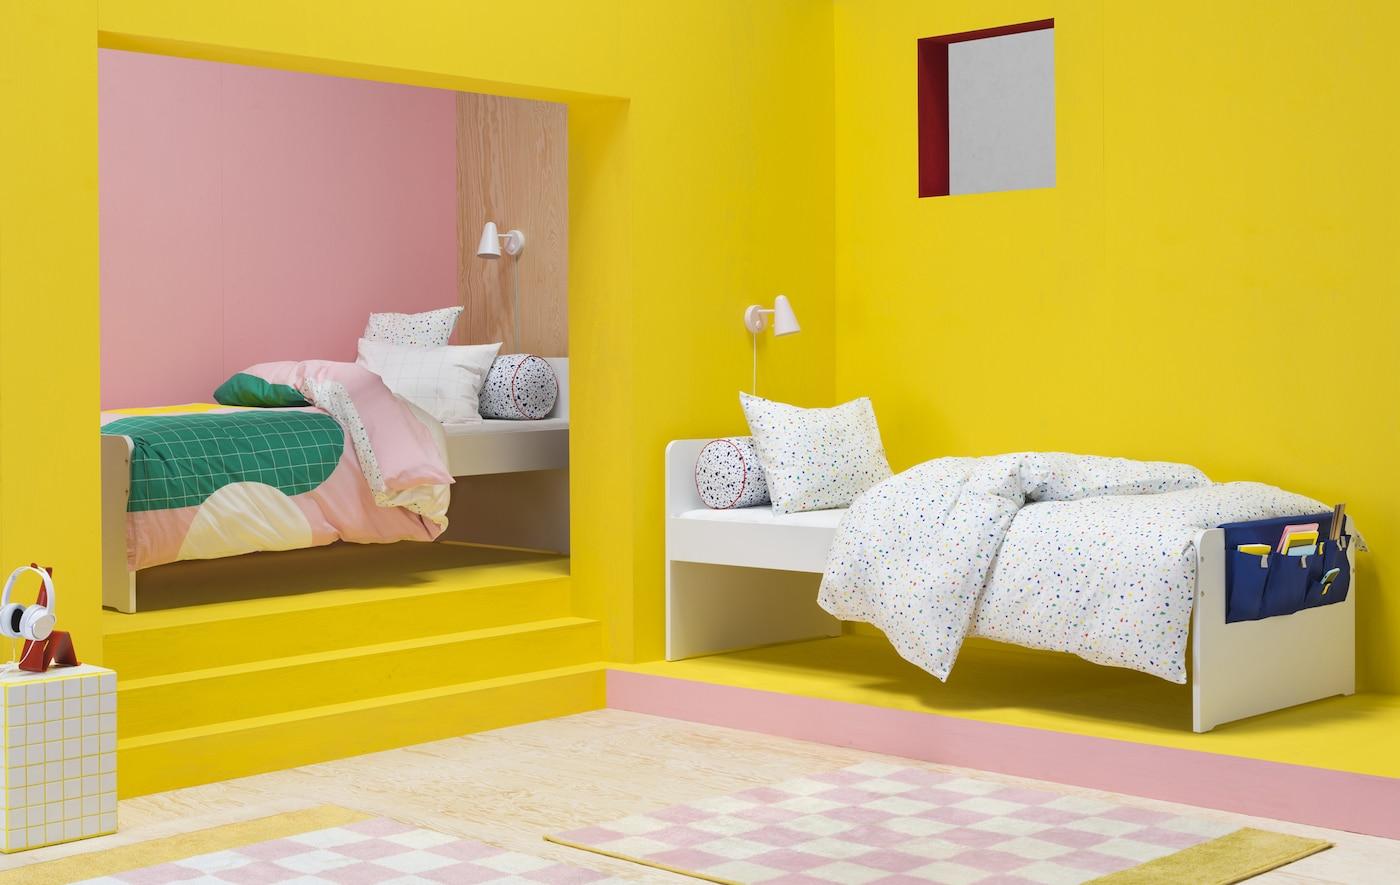 Due letti singoli con biancheria da letto a motivi grafici colorati in una cameretta dalle pareti rosa e gialle - IKEA